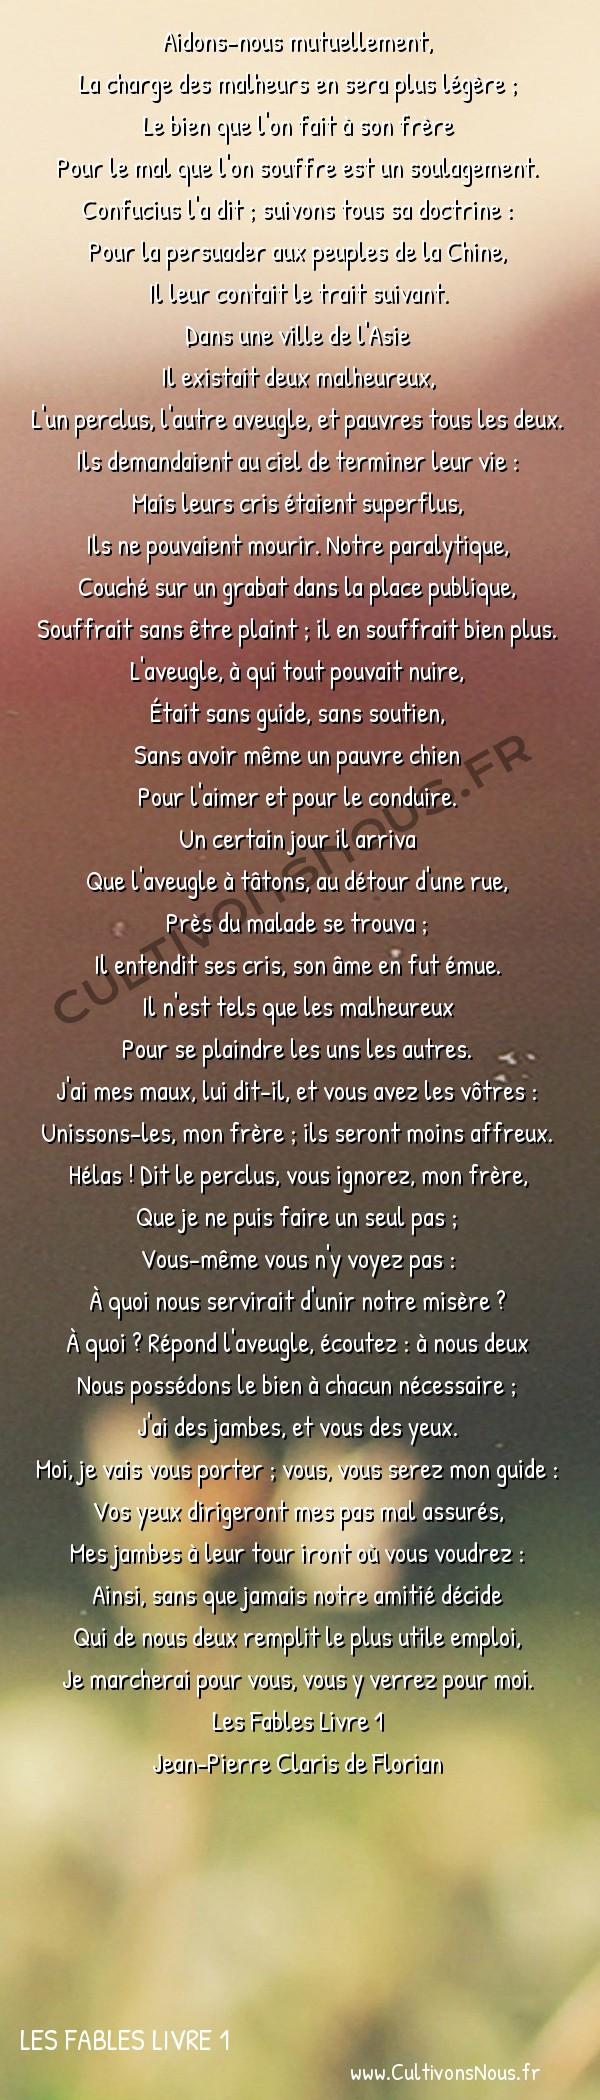 Poésie Jean-Pierre Claris de Florian - Les Fables Livre 1 - L'aveugle et le paralytique -  Aidons-nous mutuellement, La charge des malheurs en sera plus légère ;